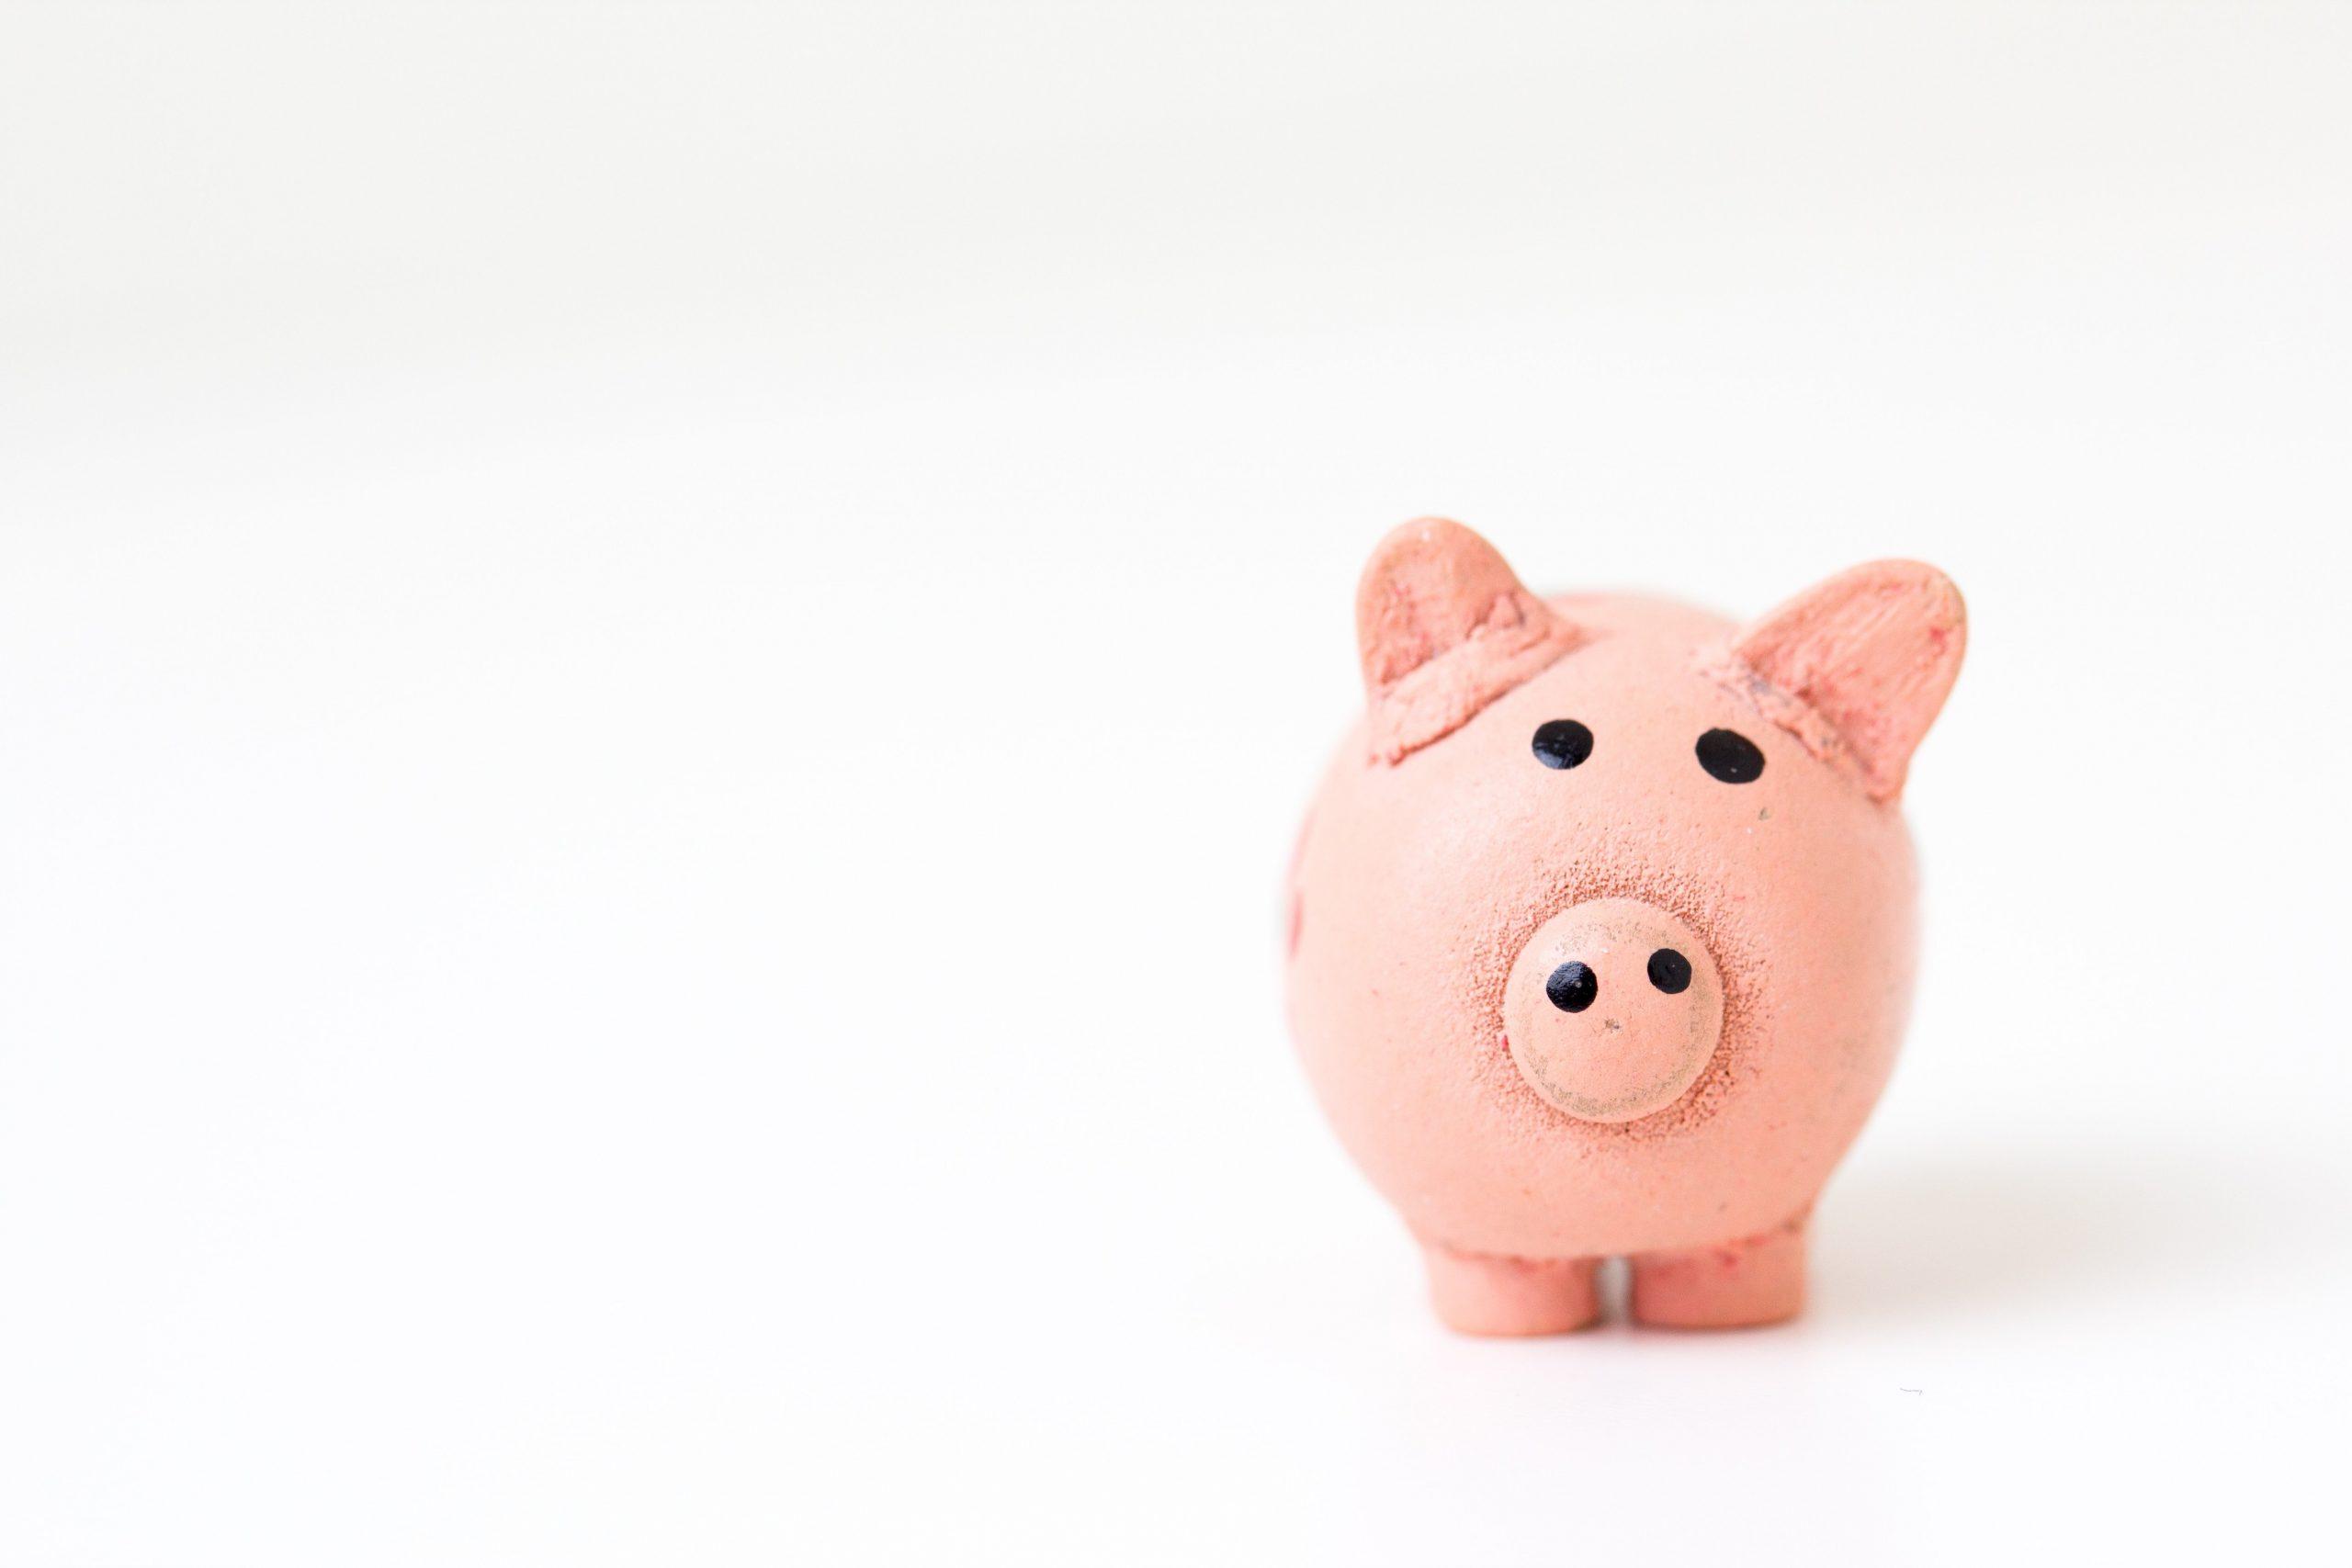 dicas de organização financeira para investir em uma certificação